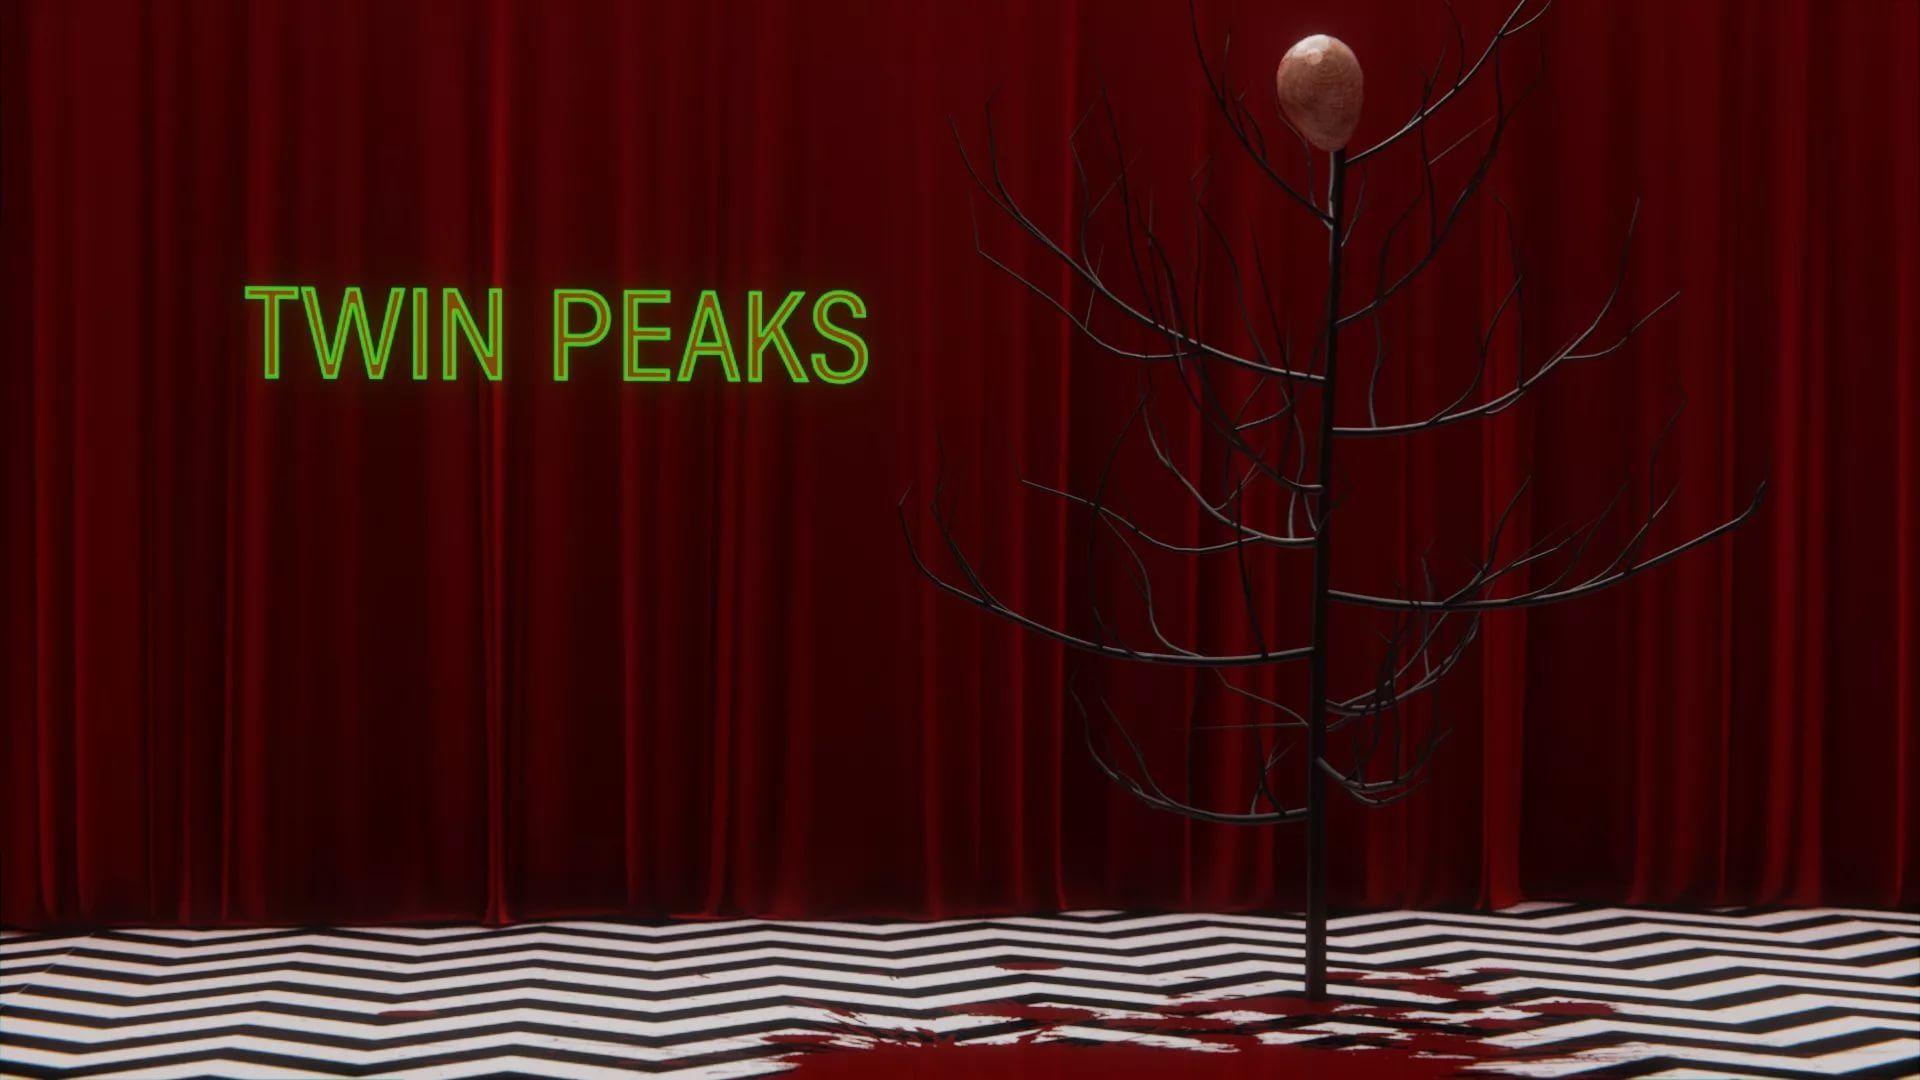 Twin Peaks screen wallpaper